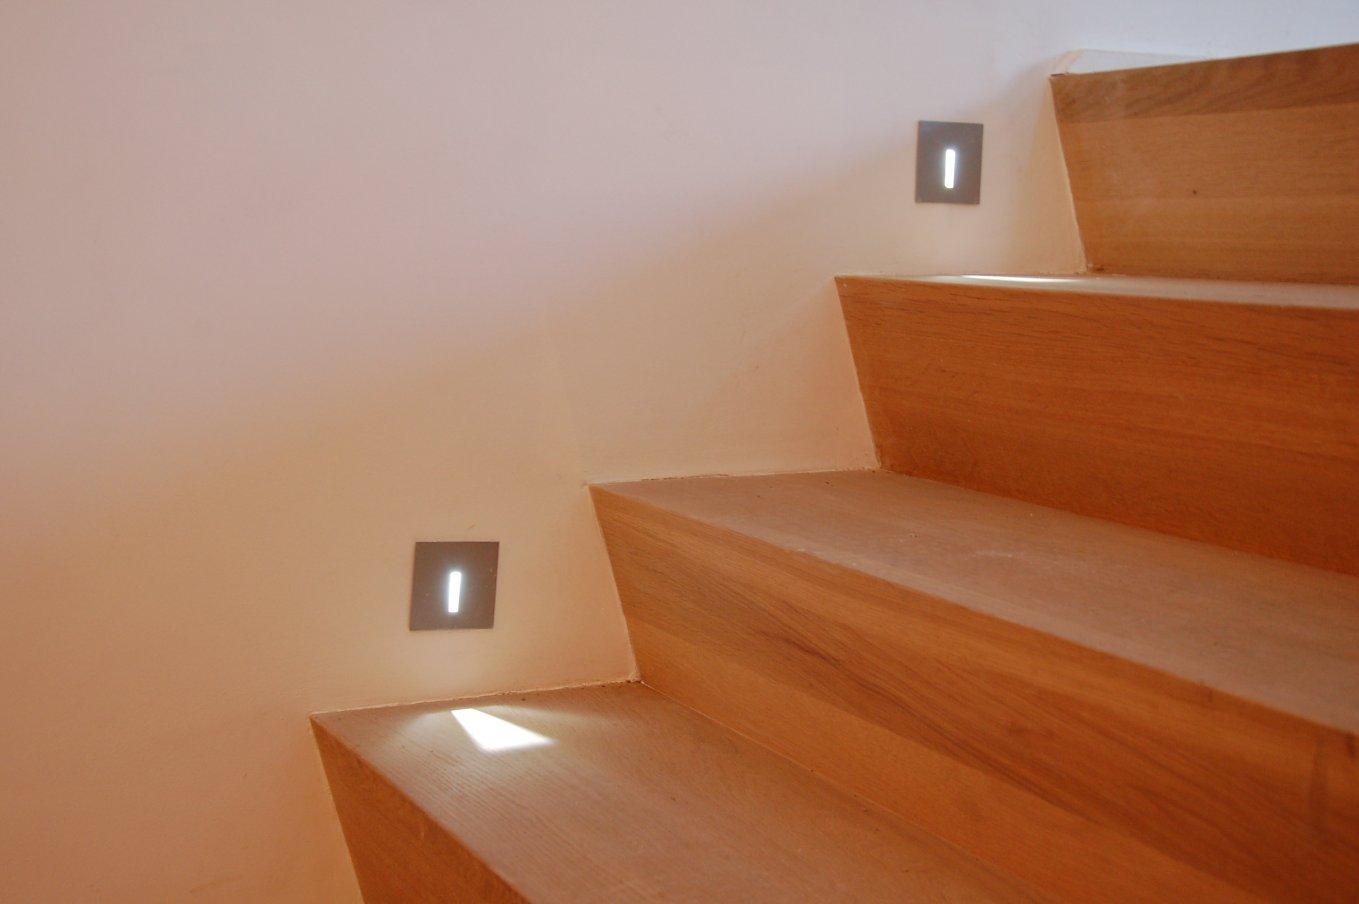 Klipveld_détail marche escalier